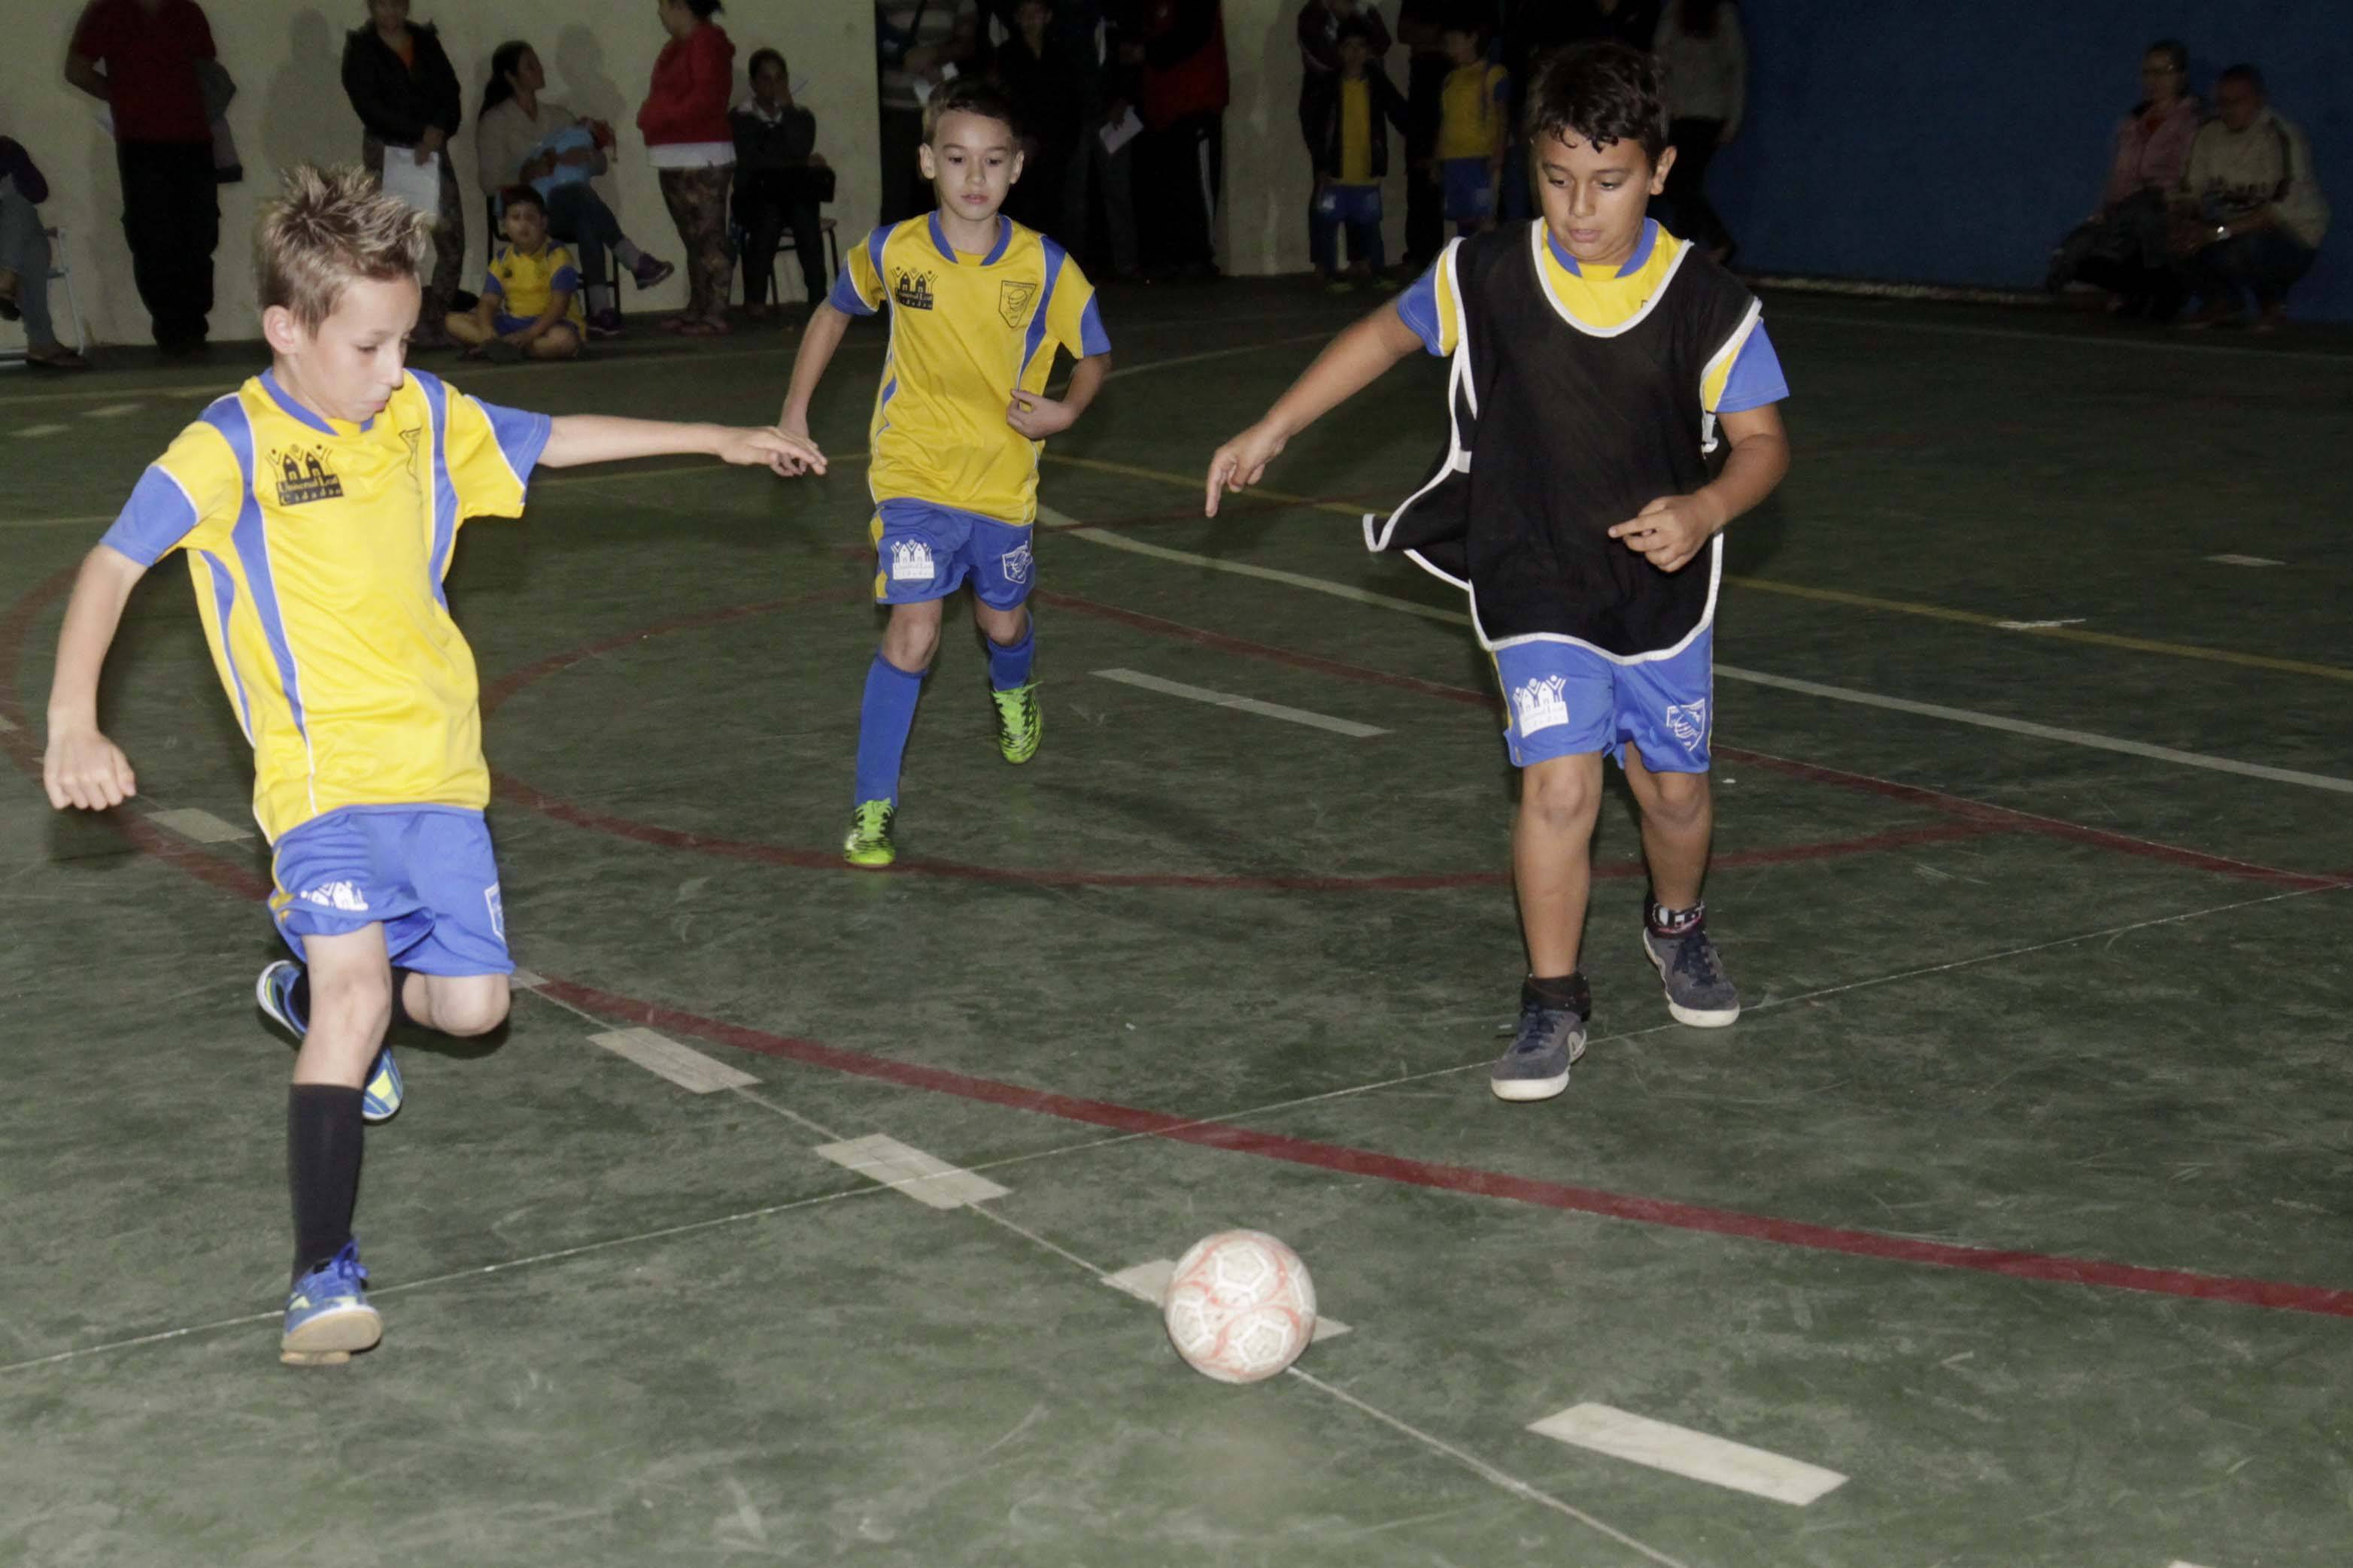 18b3c59d75cd4 Festival de futsal reúne 400 crianças neste sábado em Joinville (12)